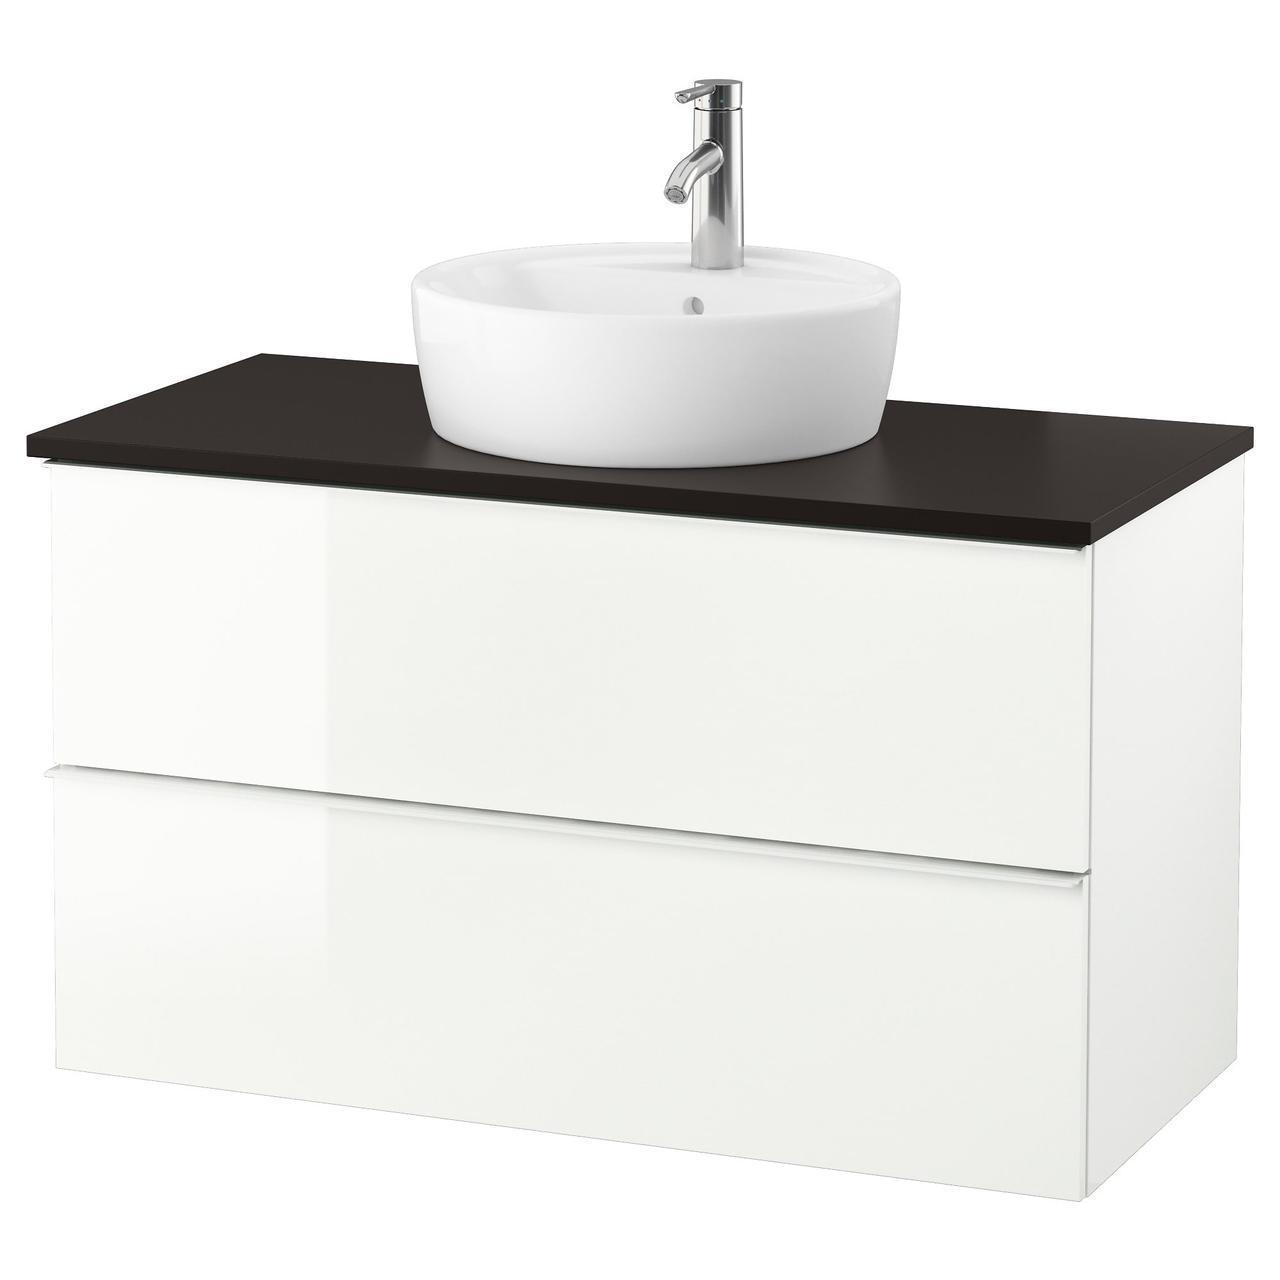 IKEA GODMORGON/TOLKEN/TORNVIKEN Шкаф под умывальник с раковиной, глянцевый белый, антрацит  (591.852.52)